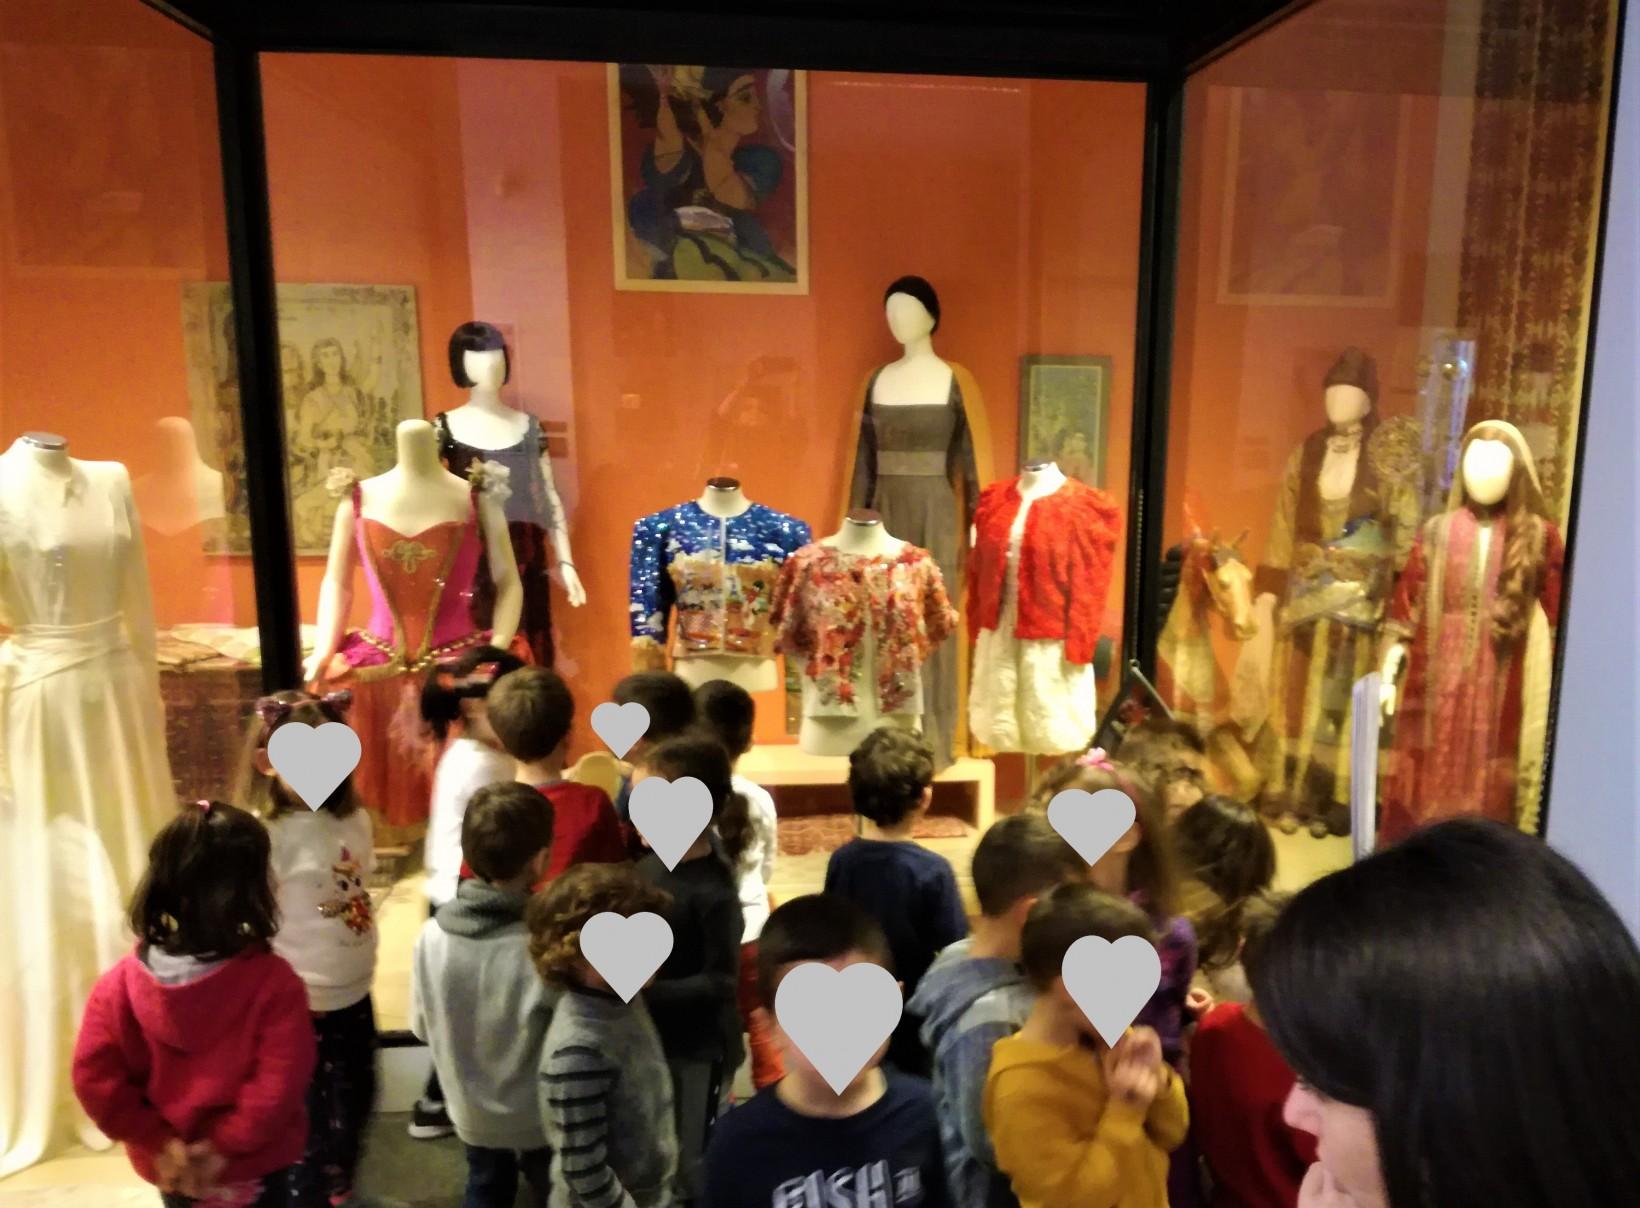 Σχέδια, σχήματα, χρώματα στο Λαογραφικό Μουσείο Ναυπλίου